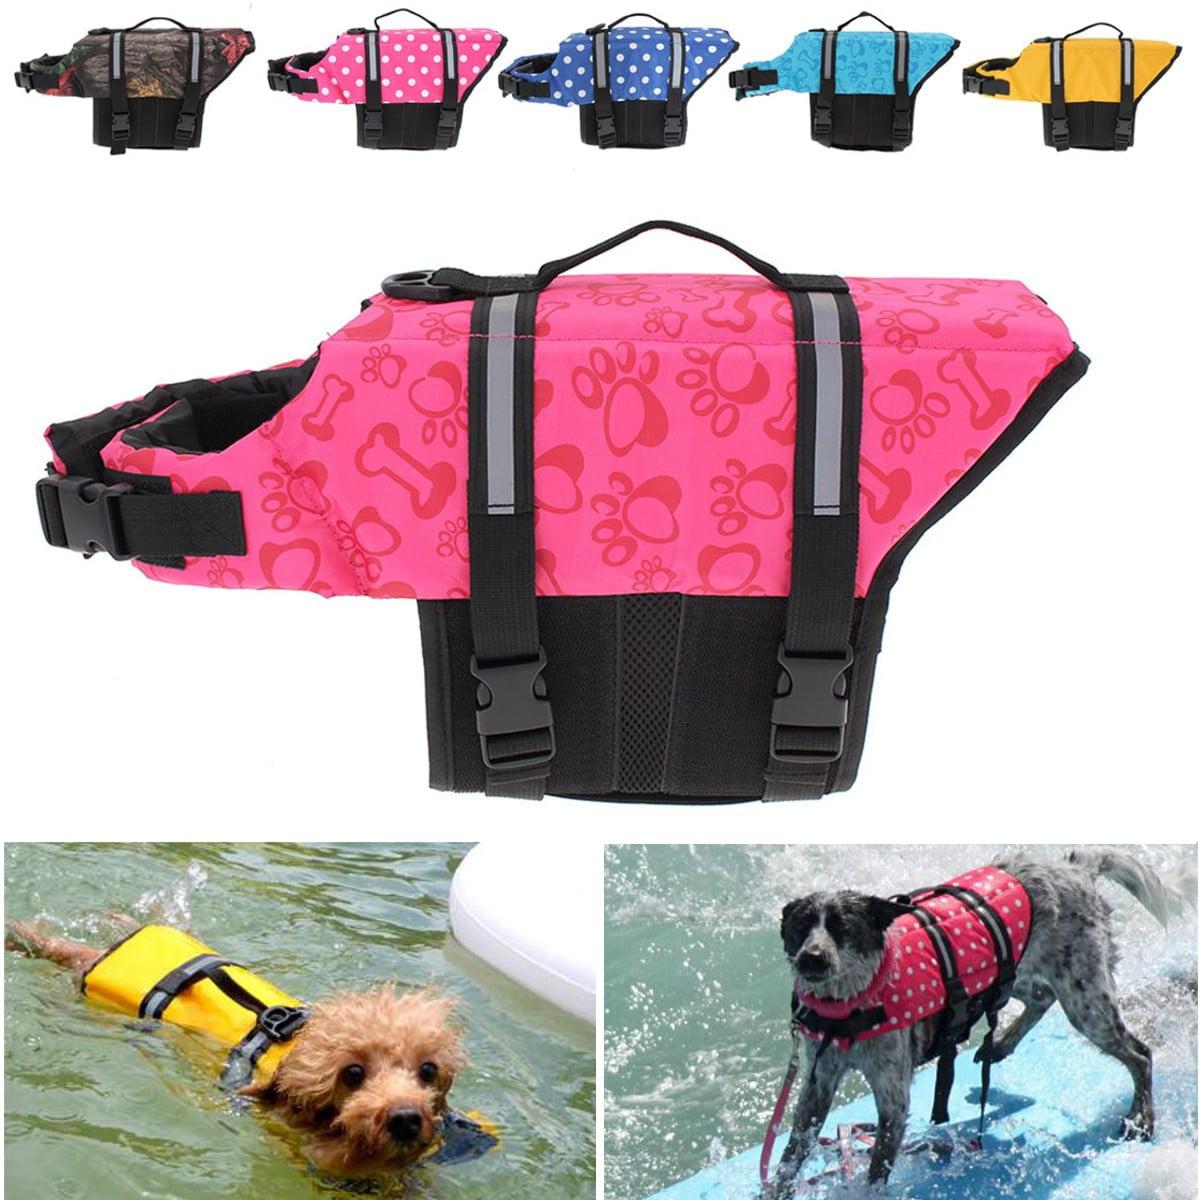 Pet Life Jacket S Pet Aquatic Reflective Preserver Float Vest Dog Cat Saver Life Jacket,Pink Dots color